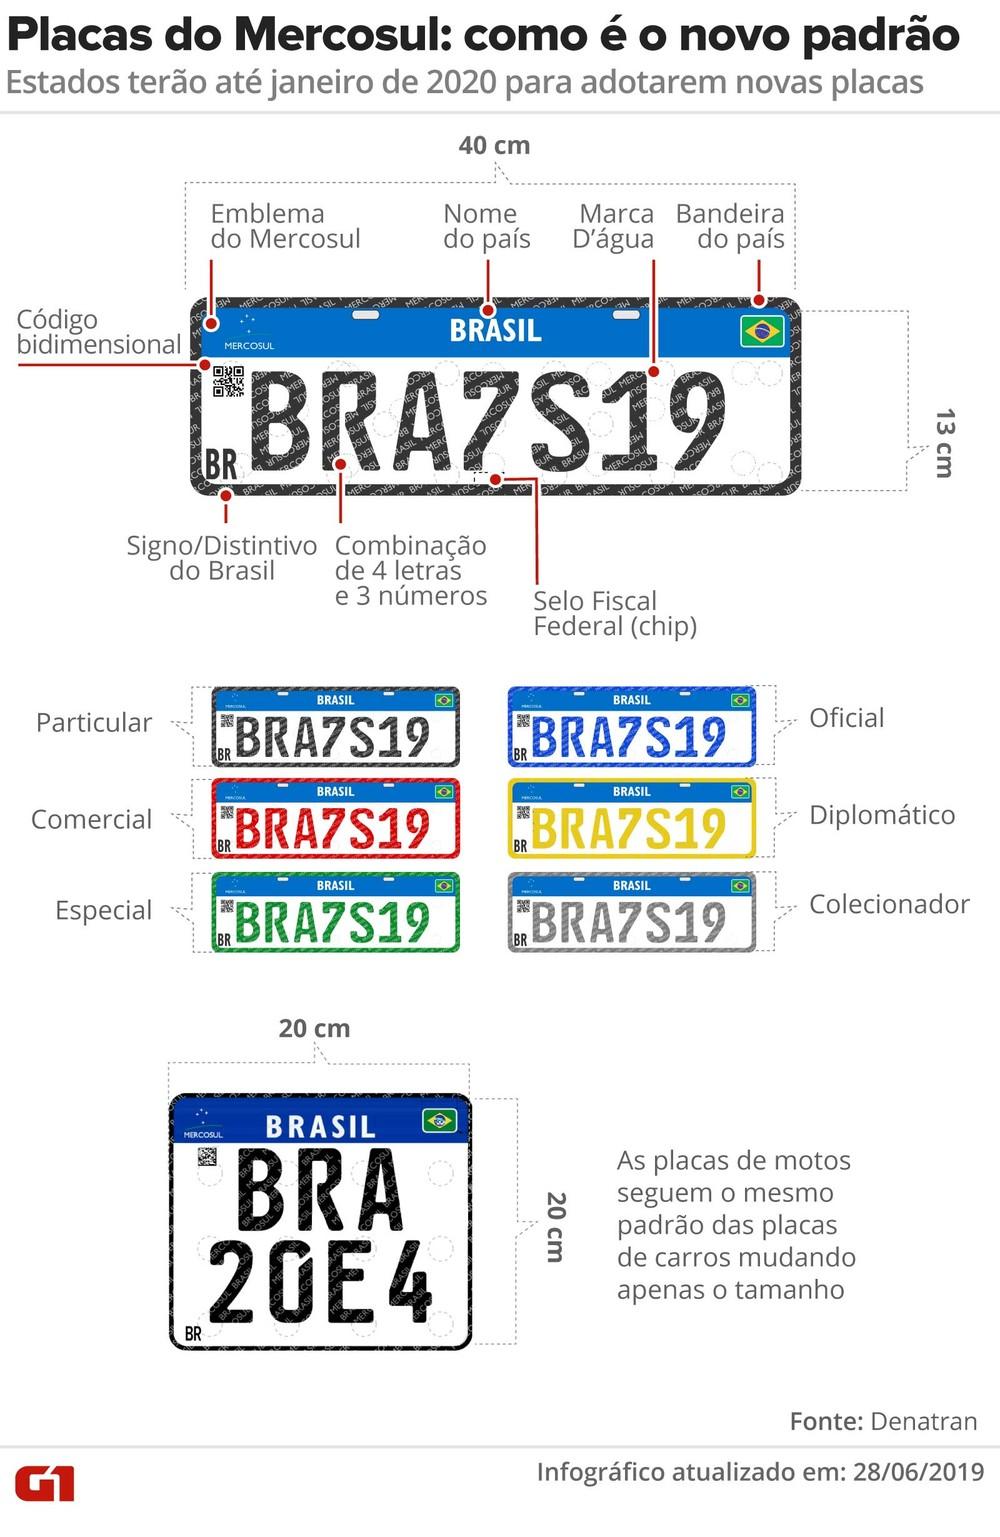 Placa do Mercosul é adiada para 2020 e só será exigida para carros novos ou quando há mudança de cidade Placas10